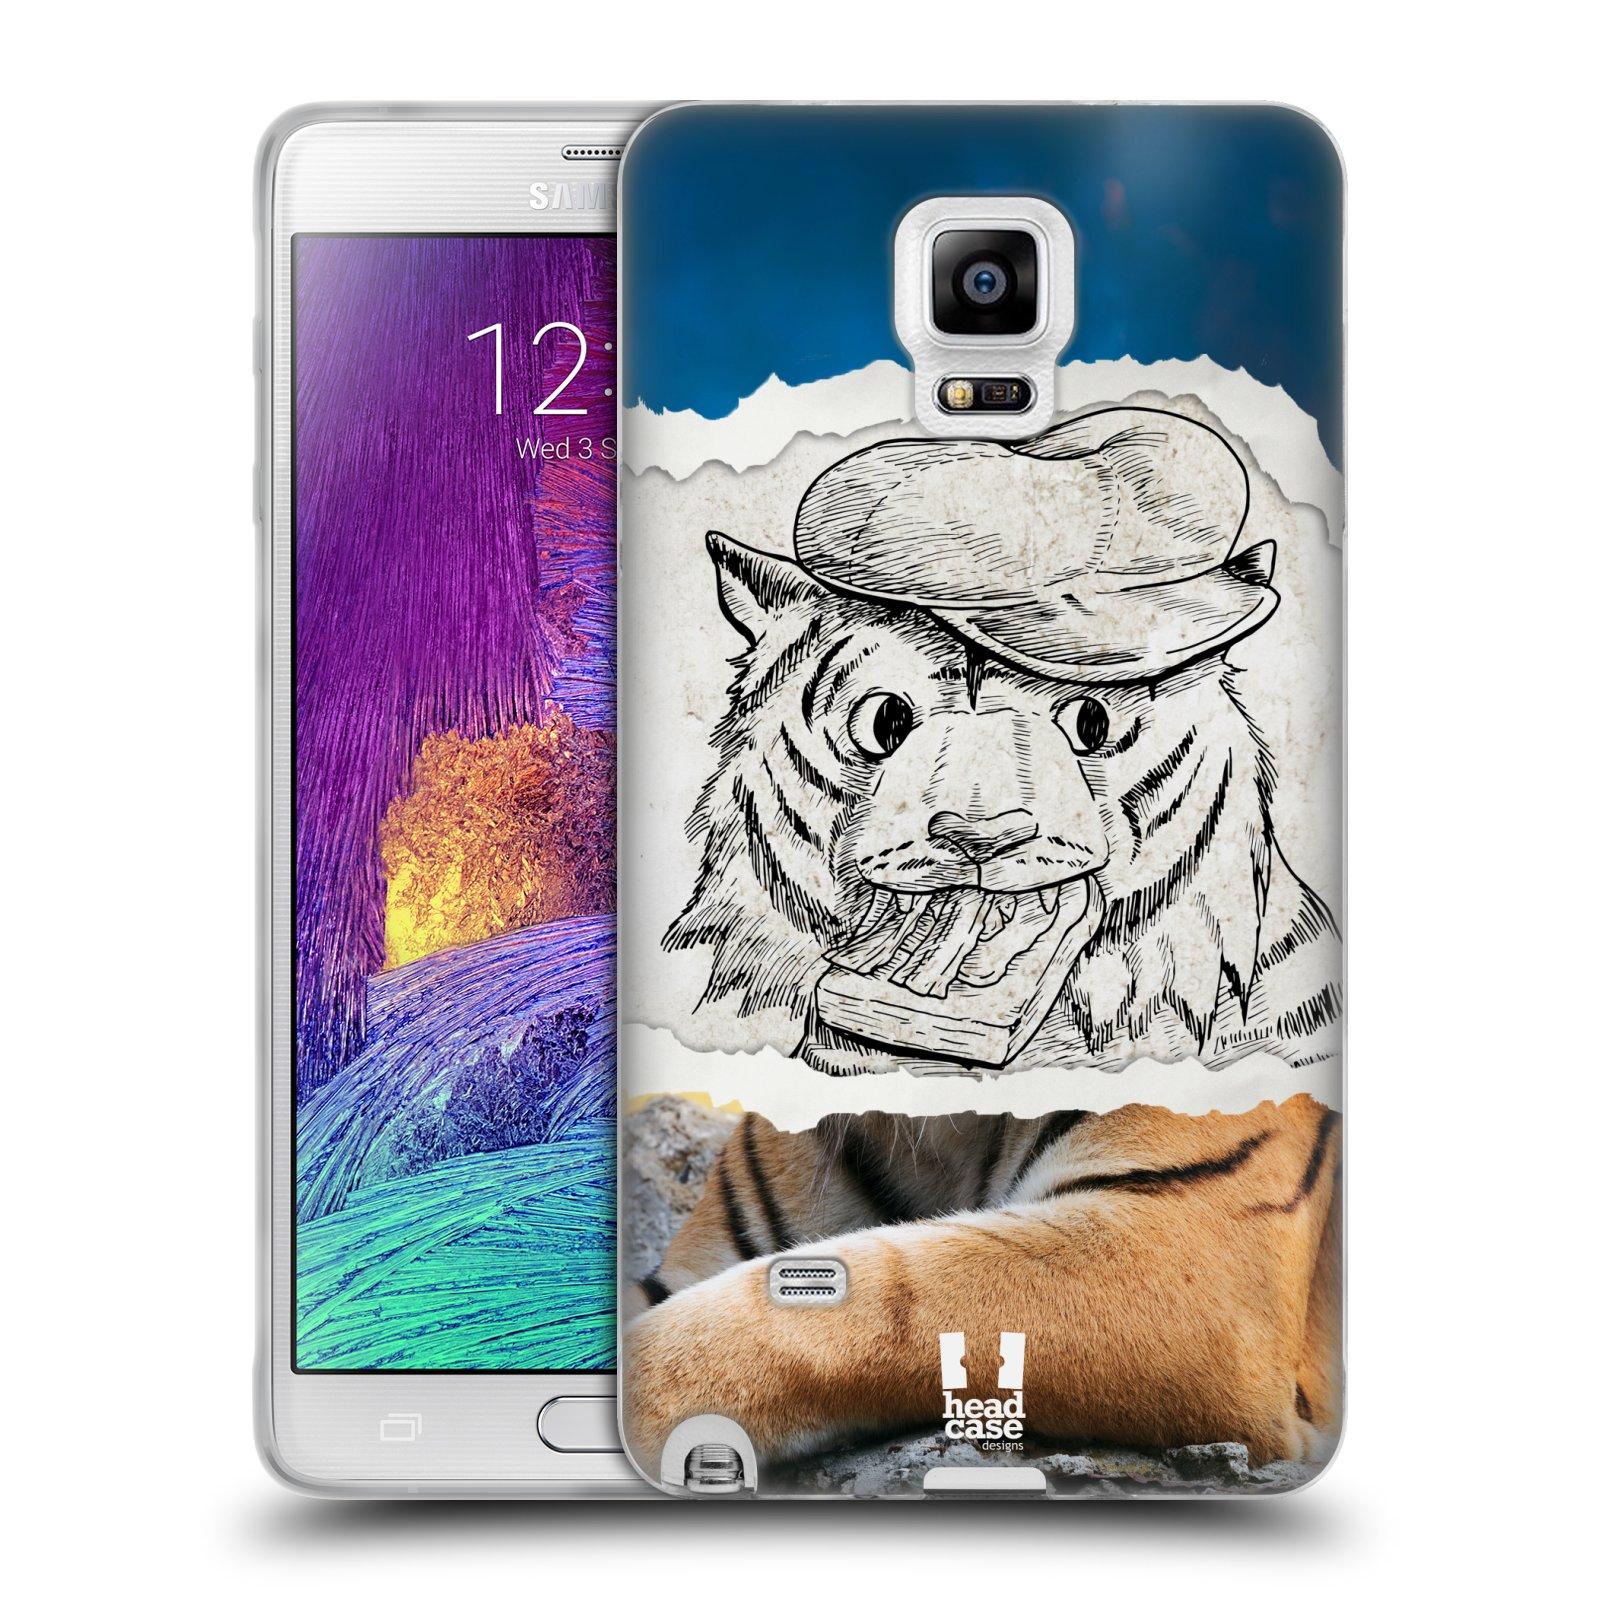 HEAD CASE silikonový obal na mobil Samsung Galaxy Note 4 (N910) vzor zvířata koláž tygr fešák